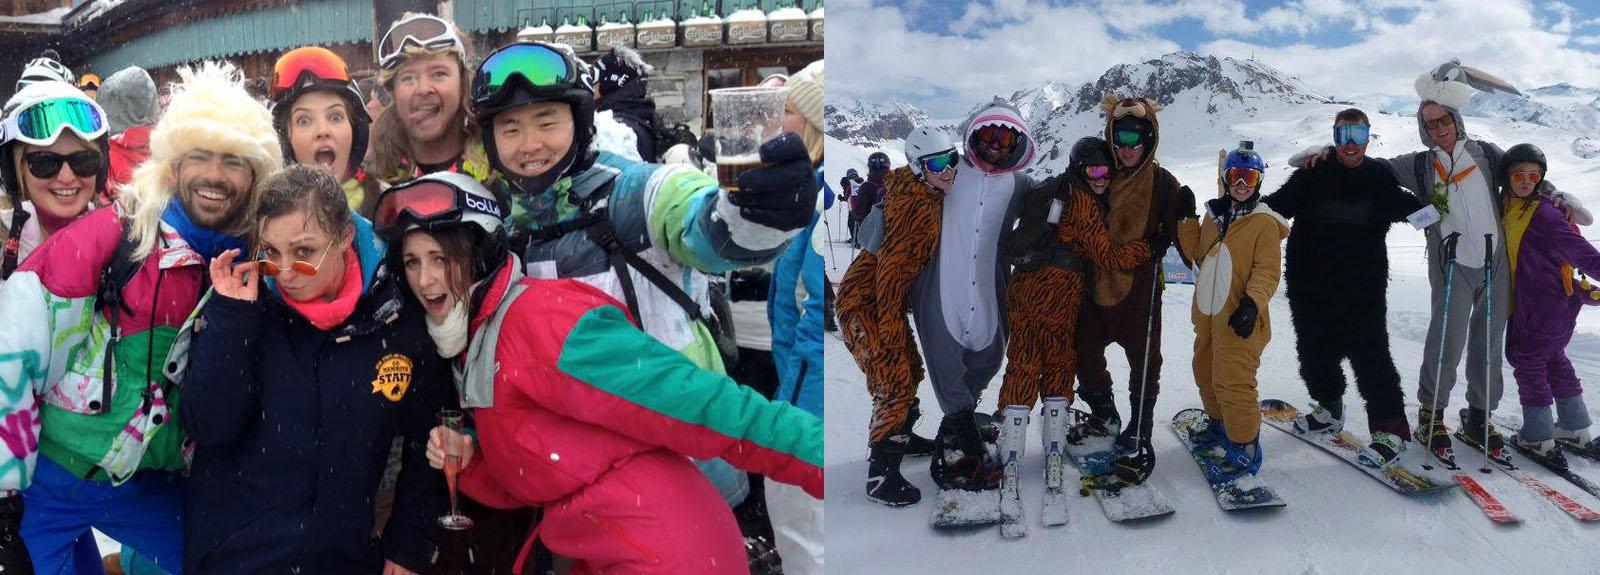 ski-home-slider